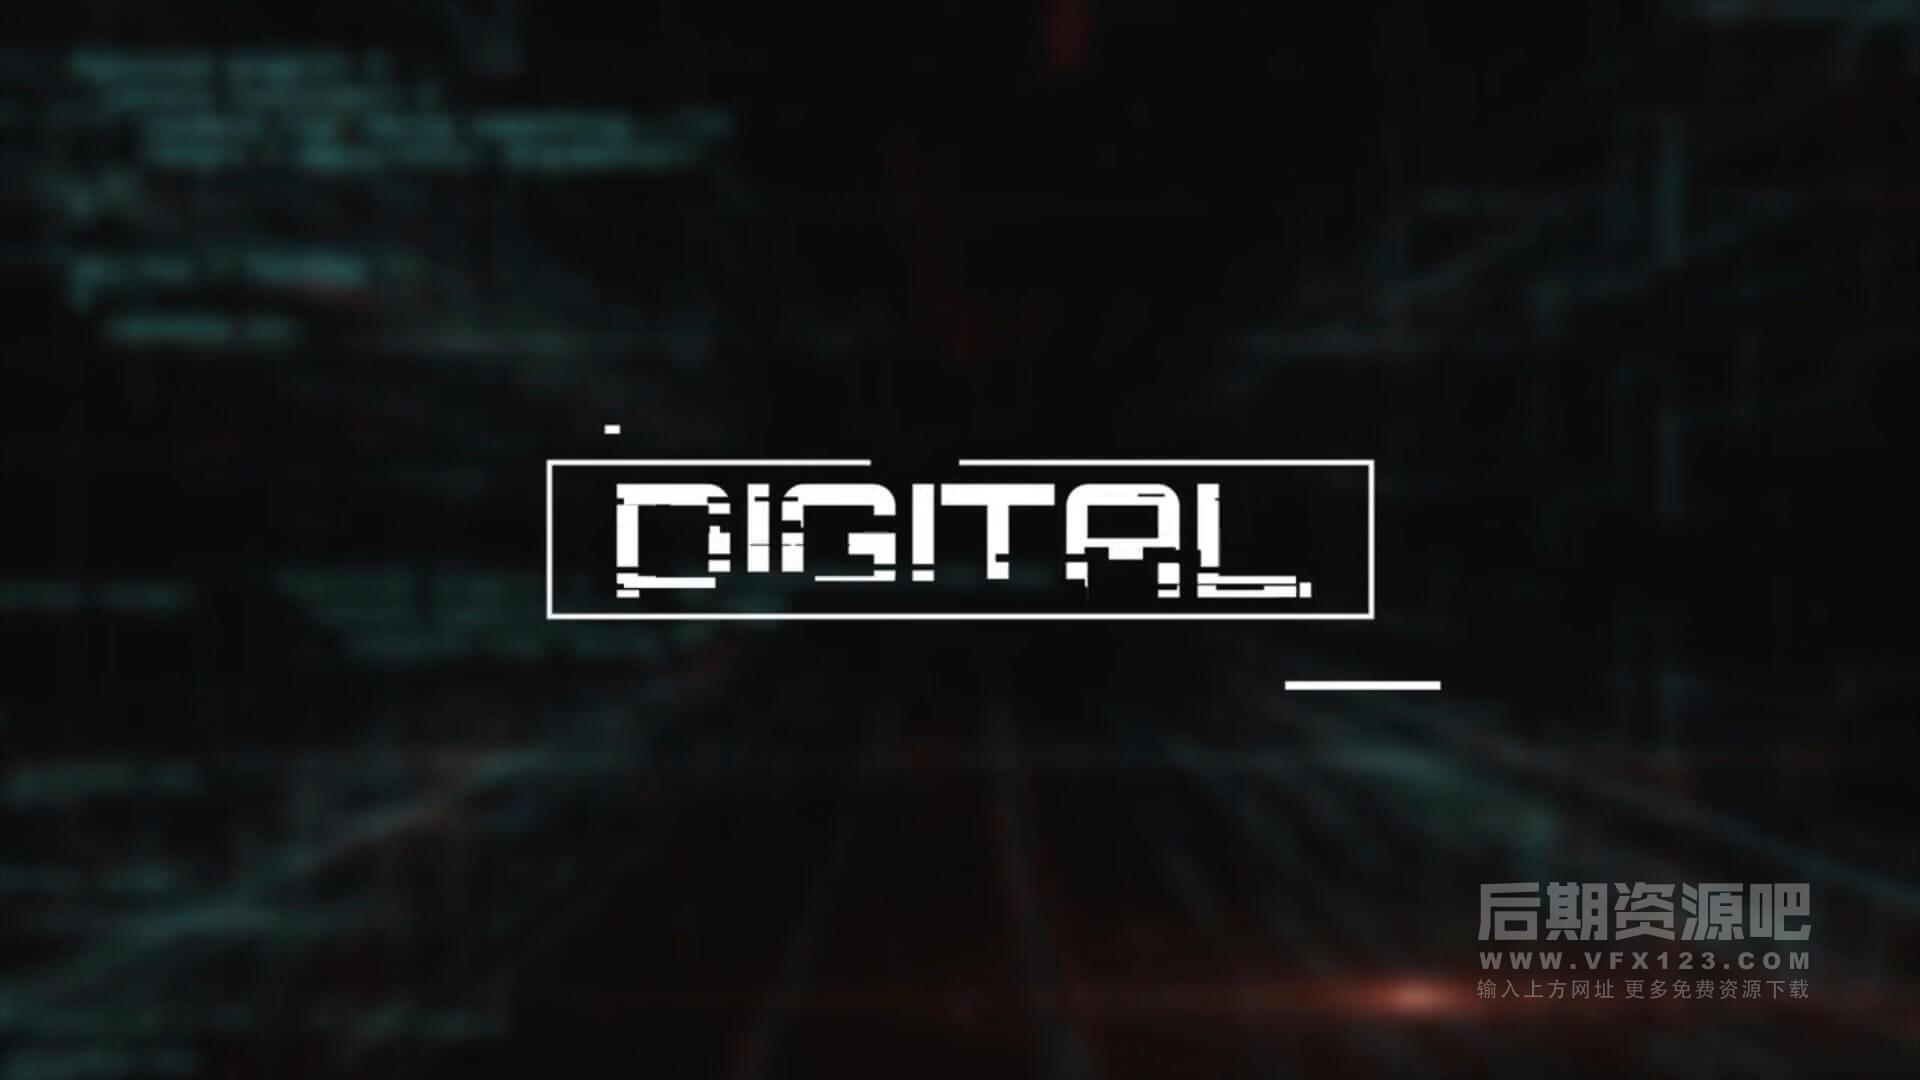 fcpx插件 信号干扰故障特效标题模板适用数码测评等 Digital titles